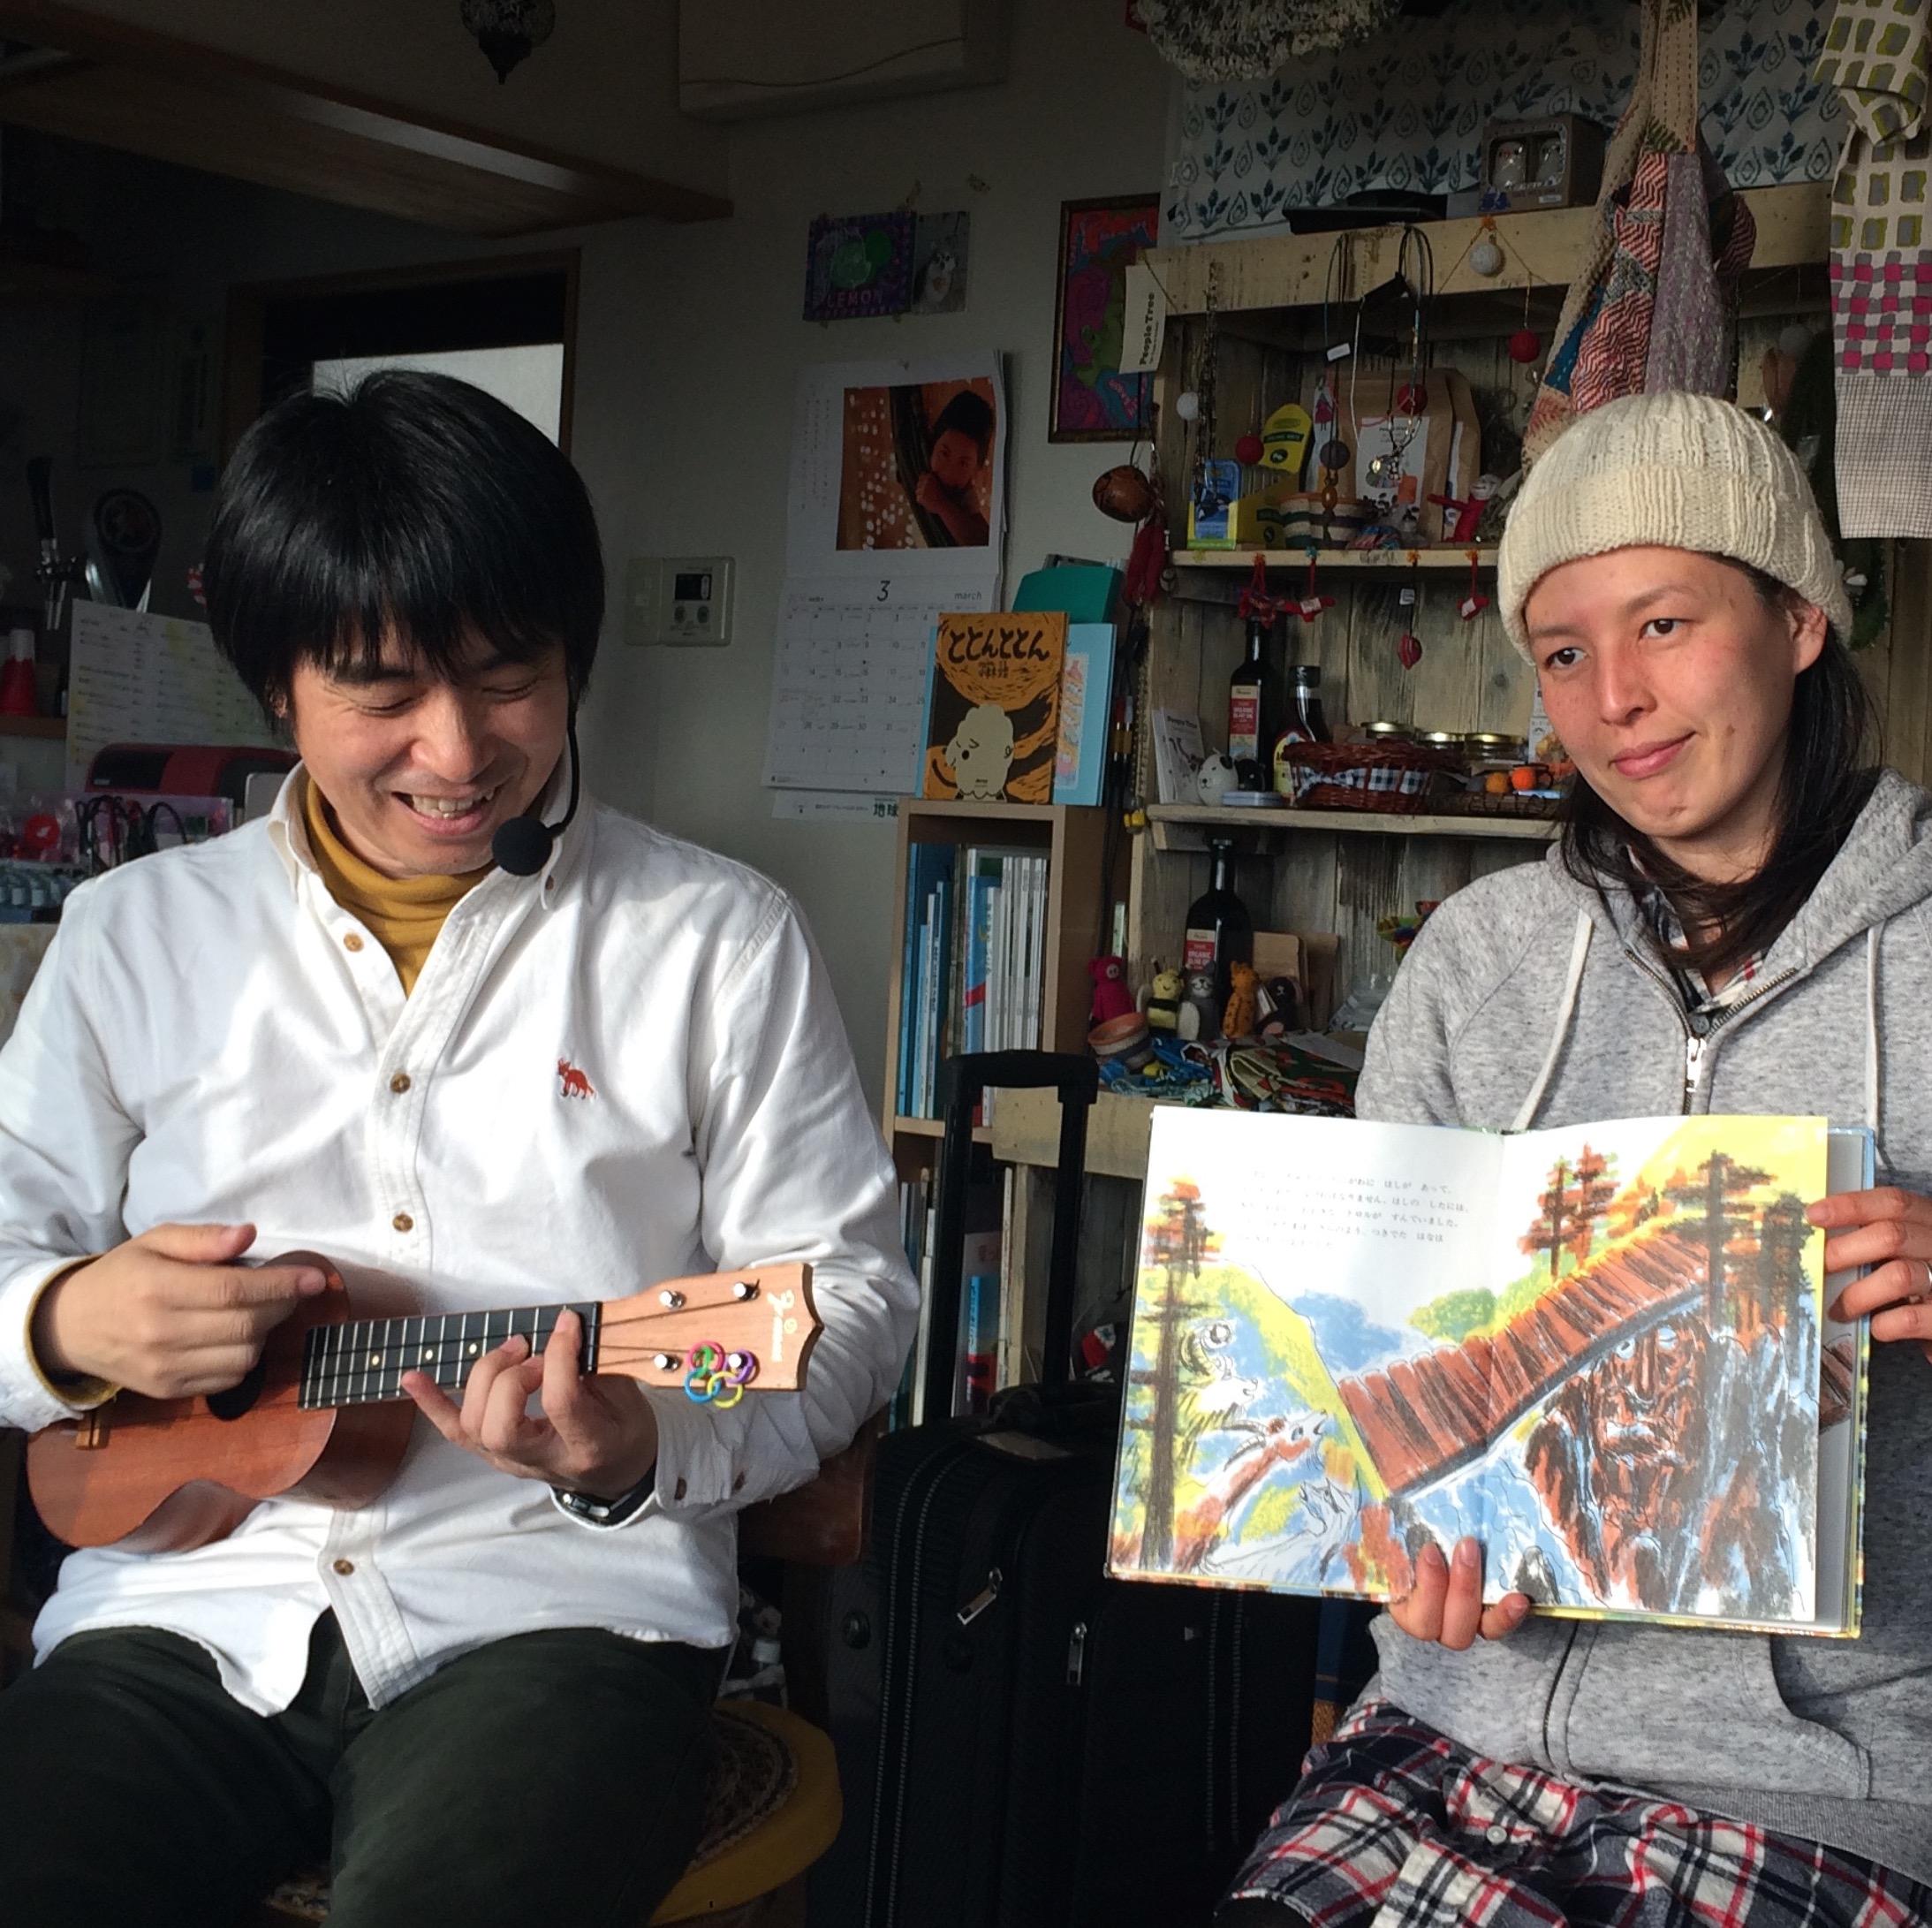 逗子海岸でビューティフルサンデー「午後の絵本と歌のカフェ」with 西村直人さん16回目の逗子ライブ